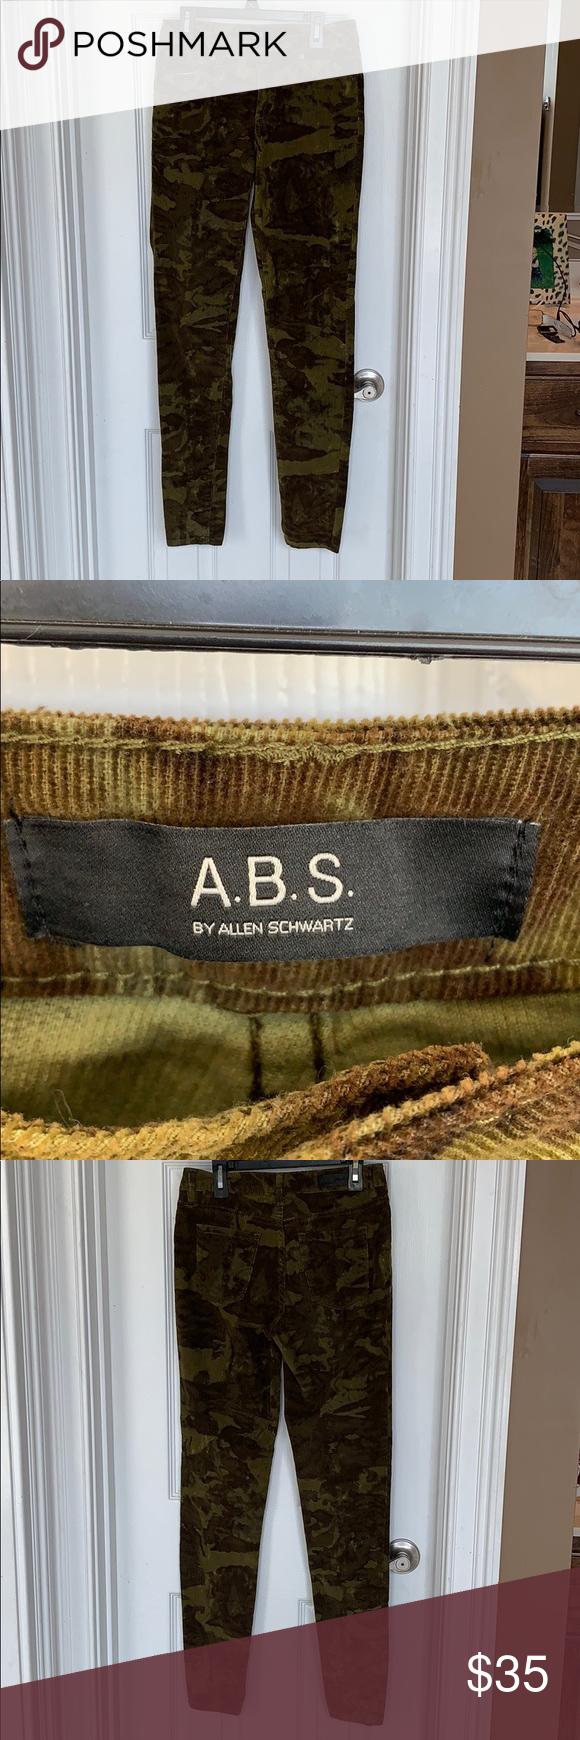 Abs by allen b schwartz A.b.s.